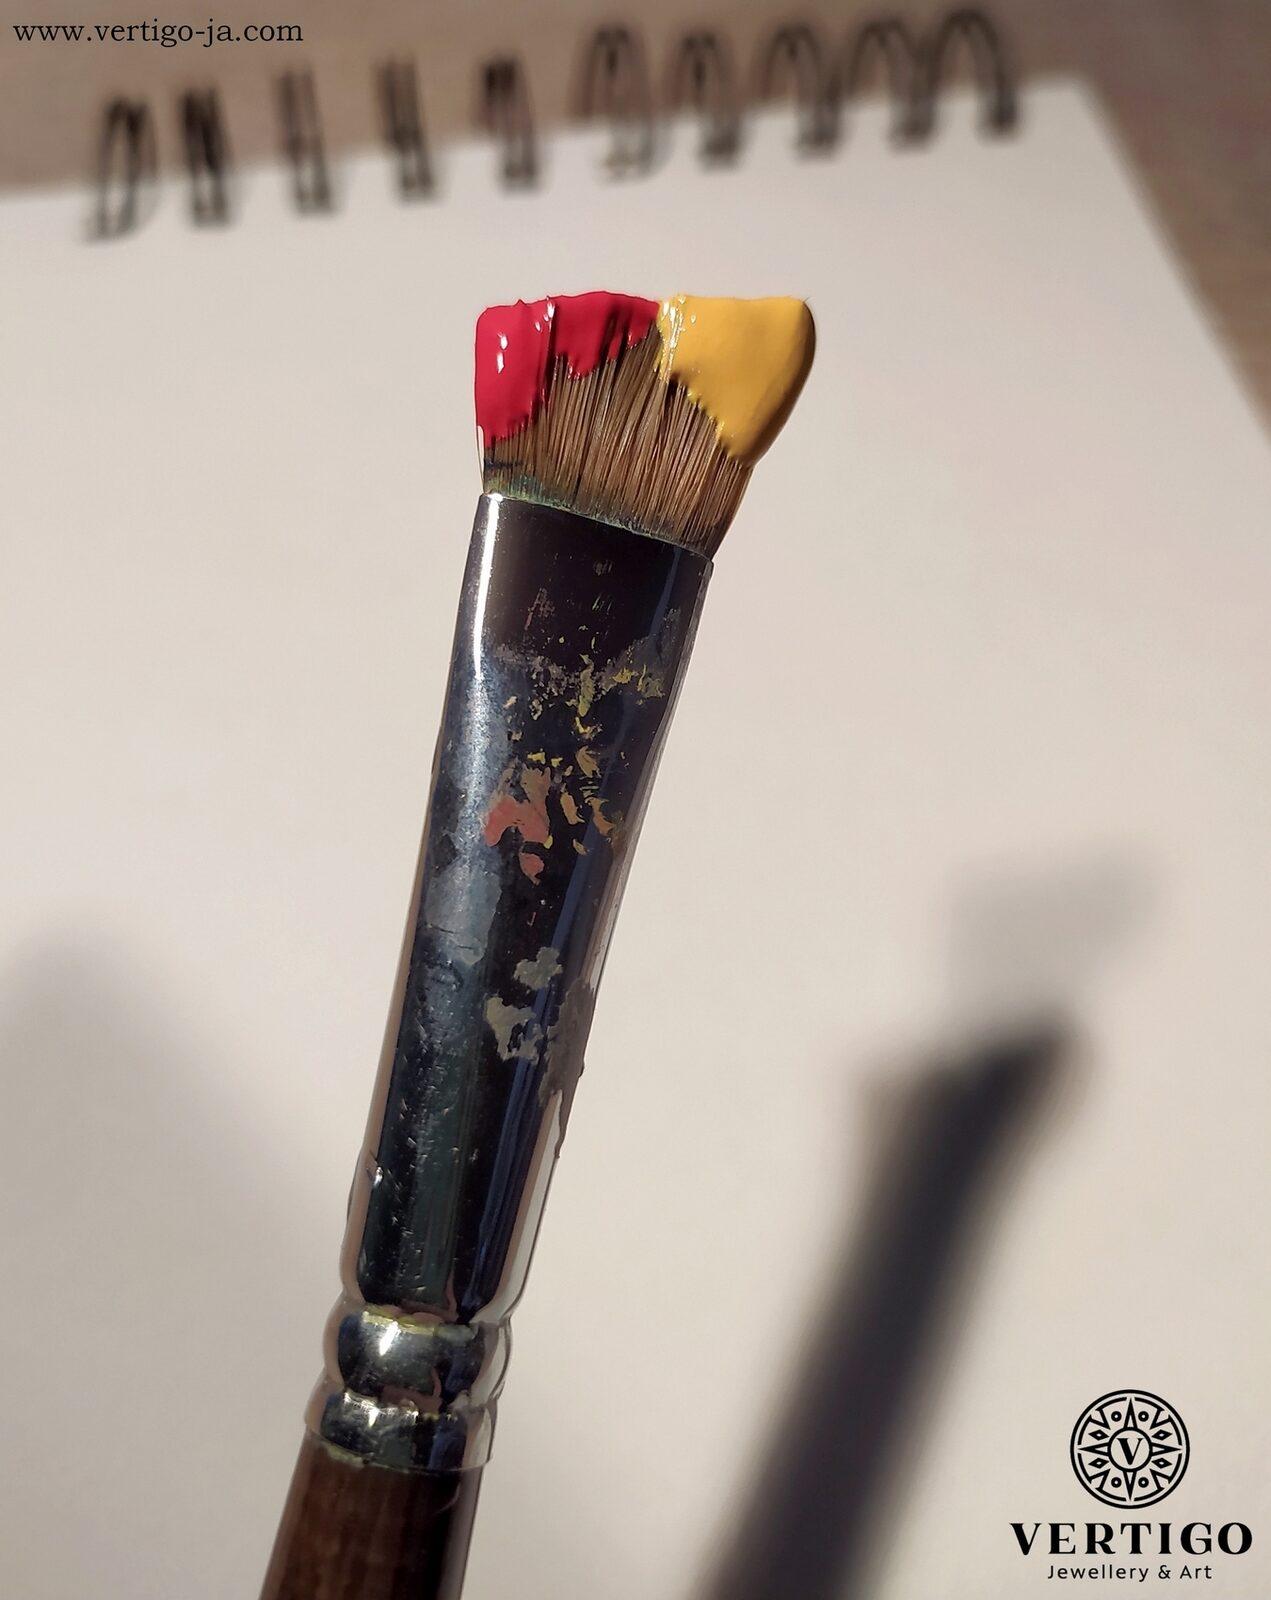 Nałożenie farby na pędzel przy one stroke painting